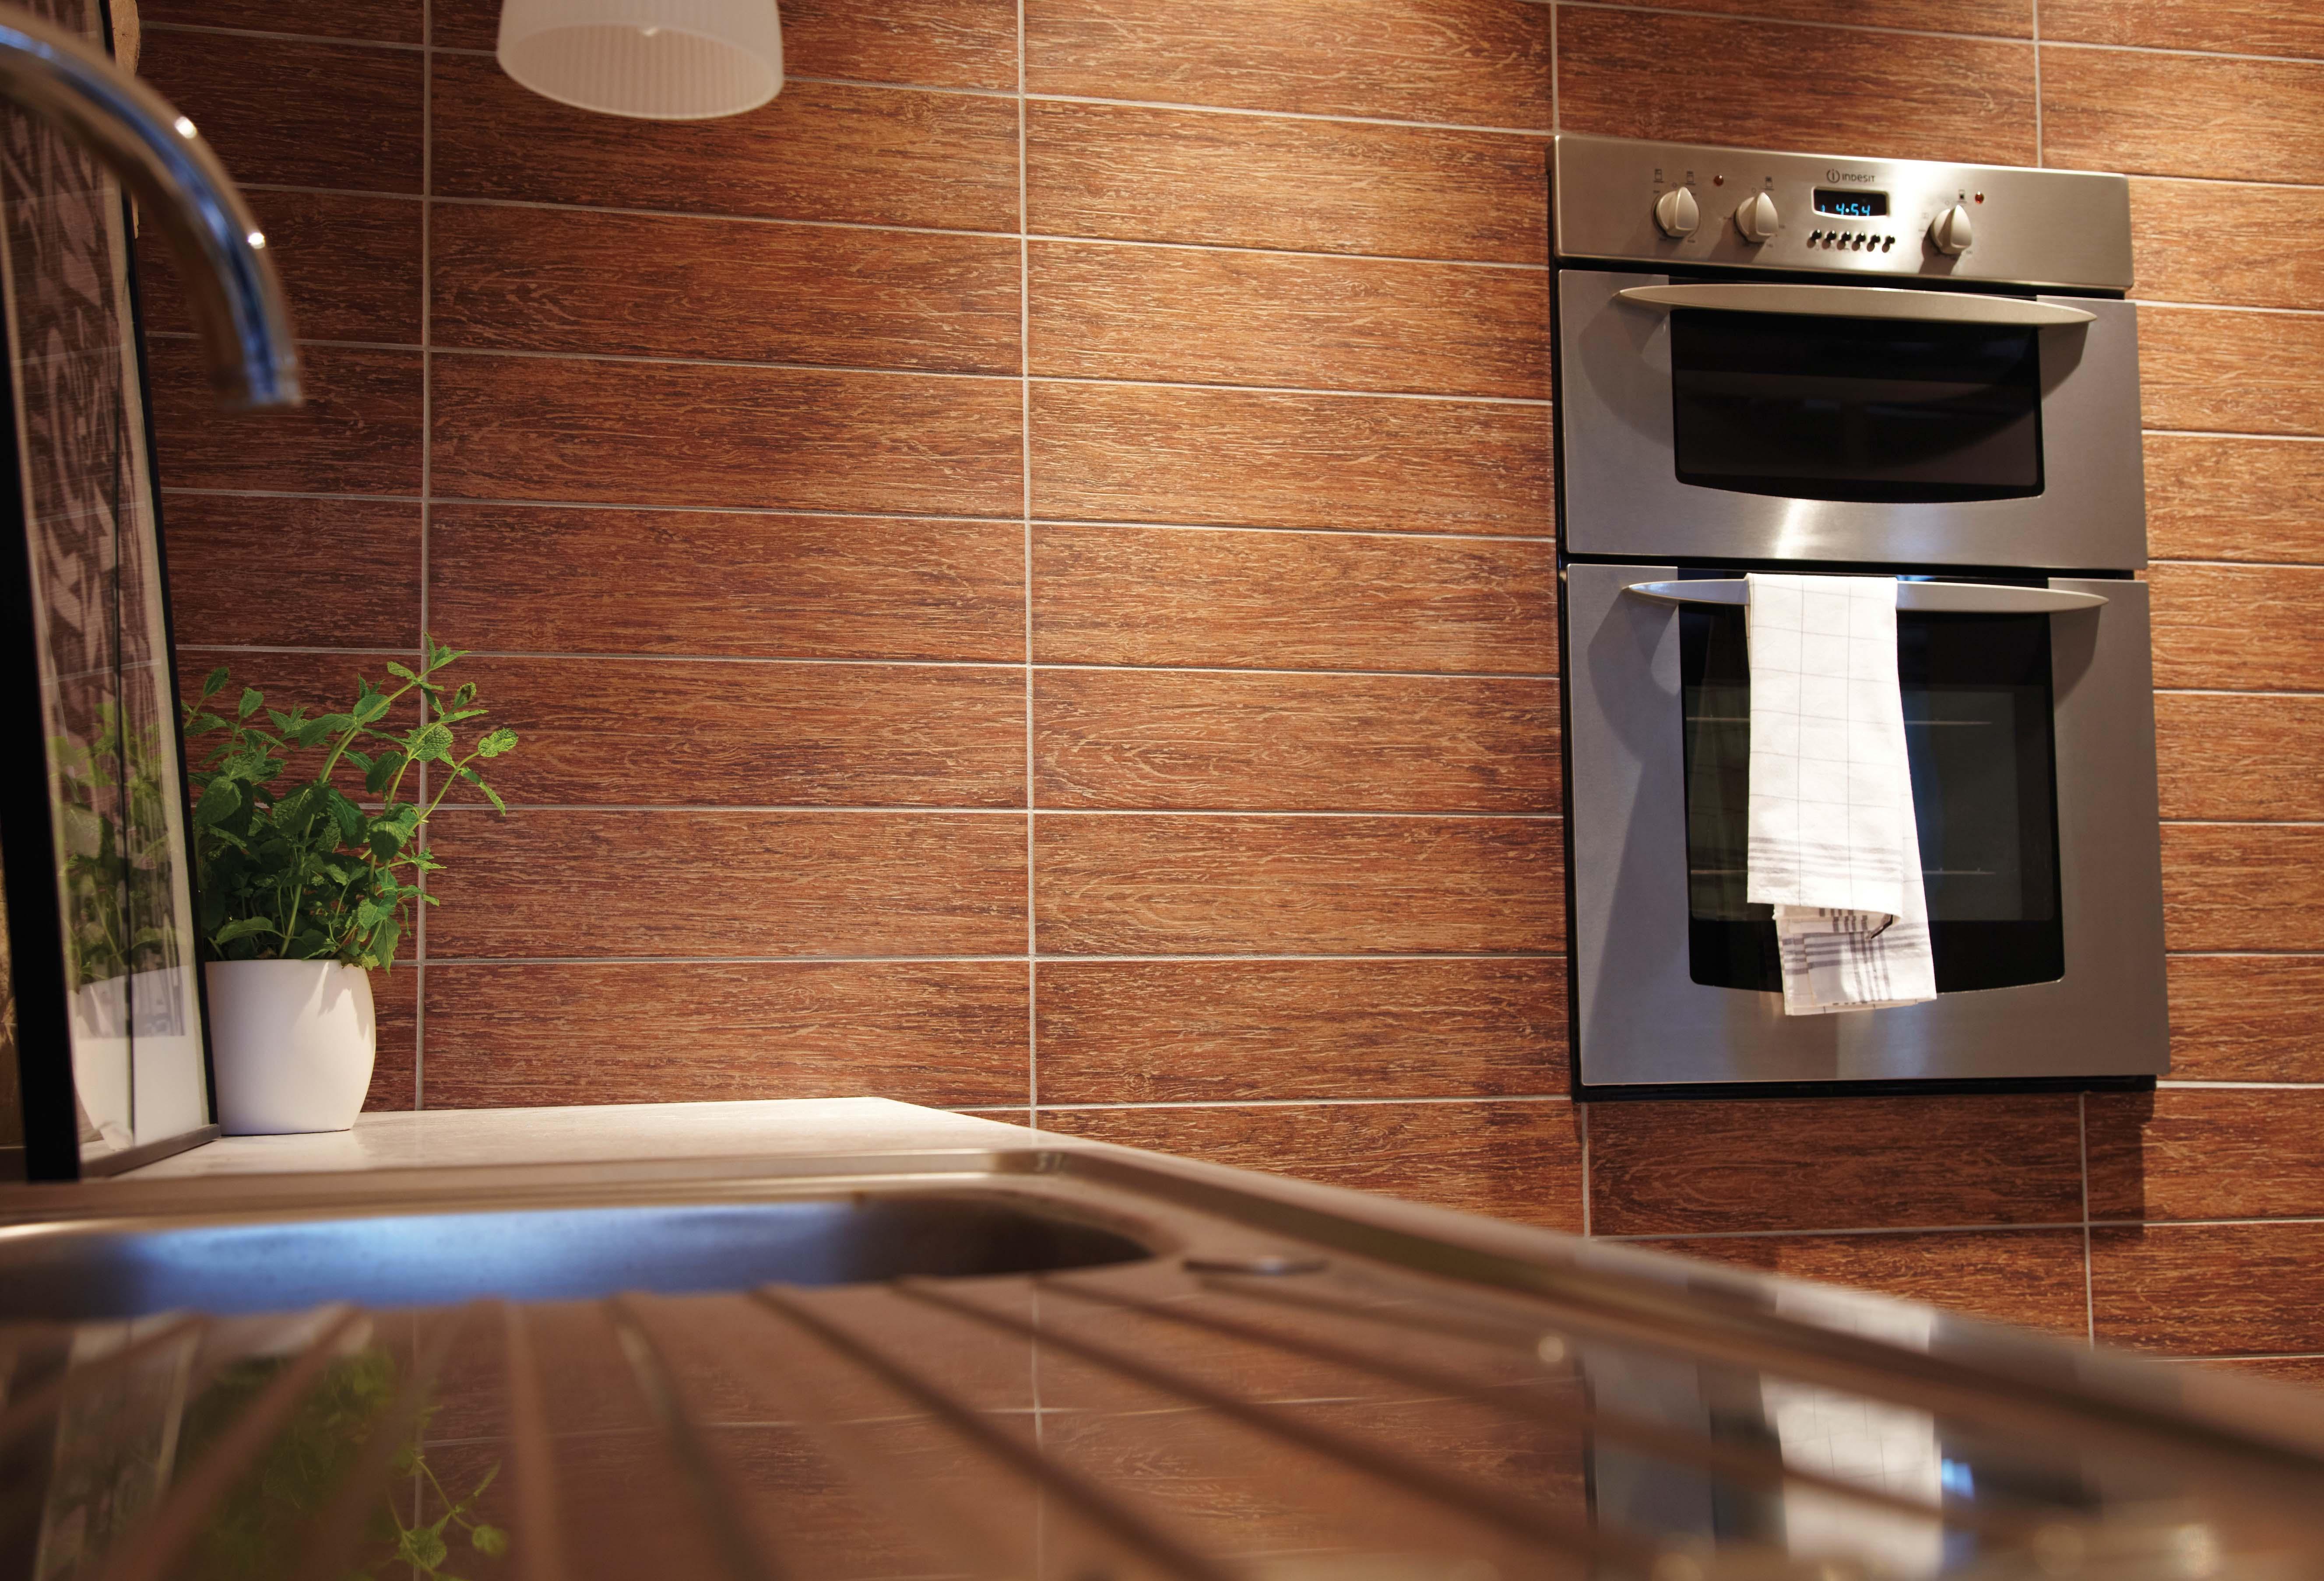 fliesenarbeiten in der küche - Fliesen In Der Küche